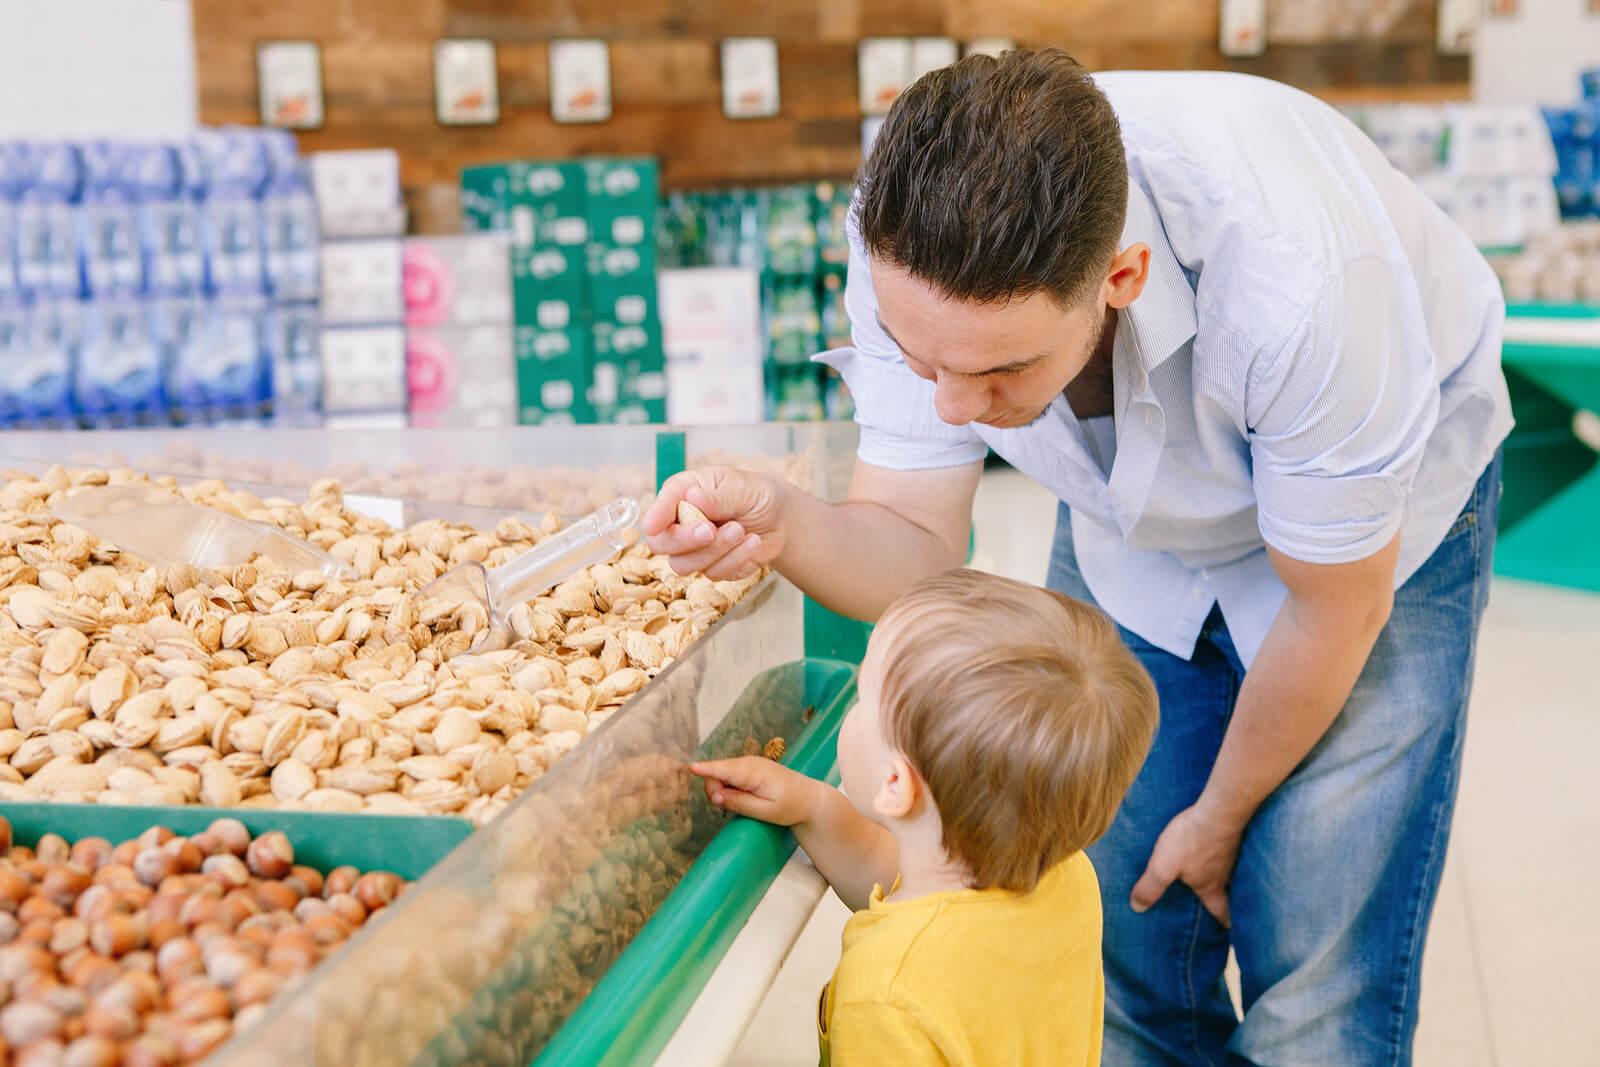 Padre con su hijo comprando frutos secos a granel.